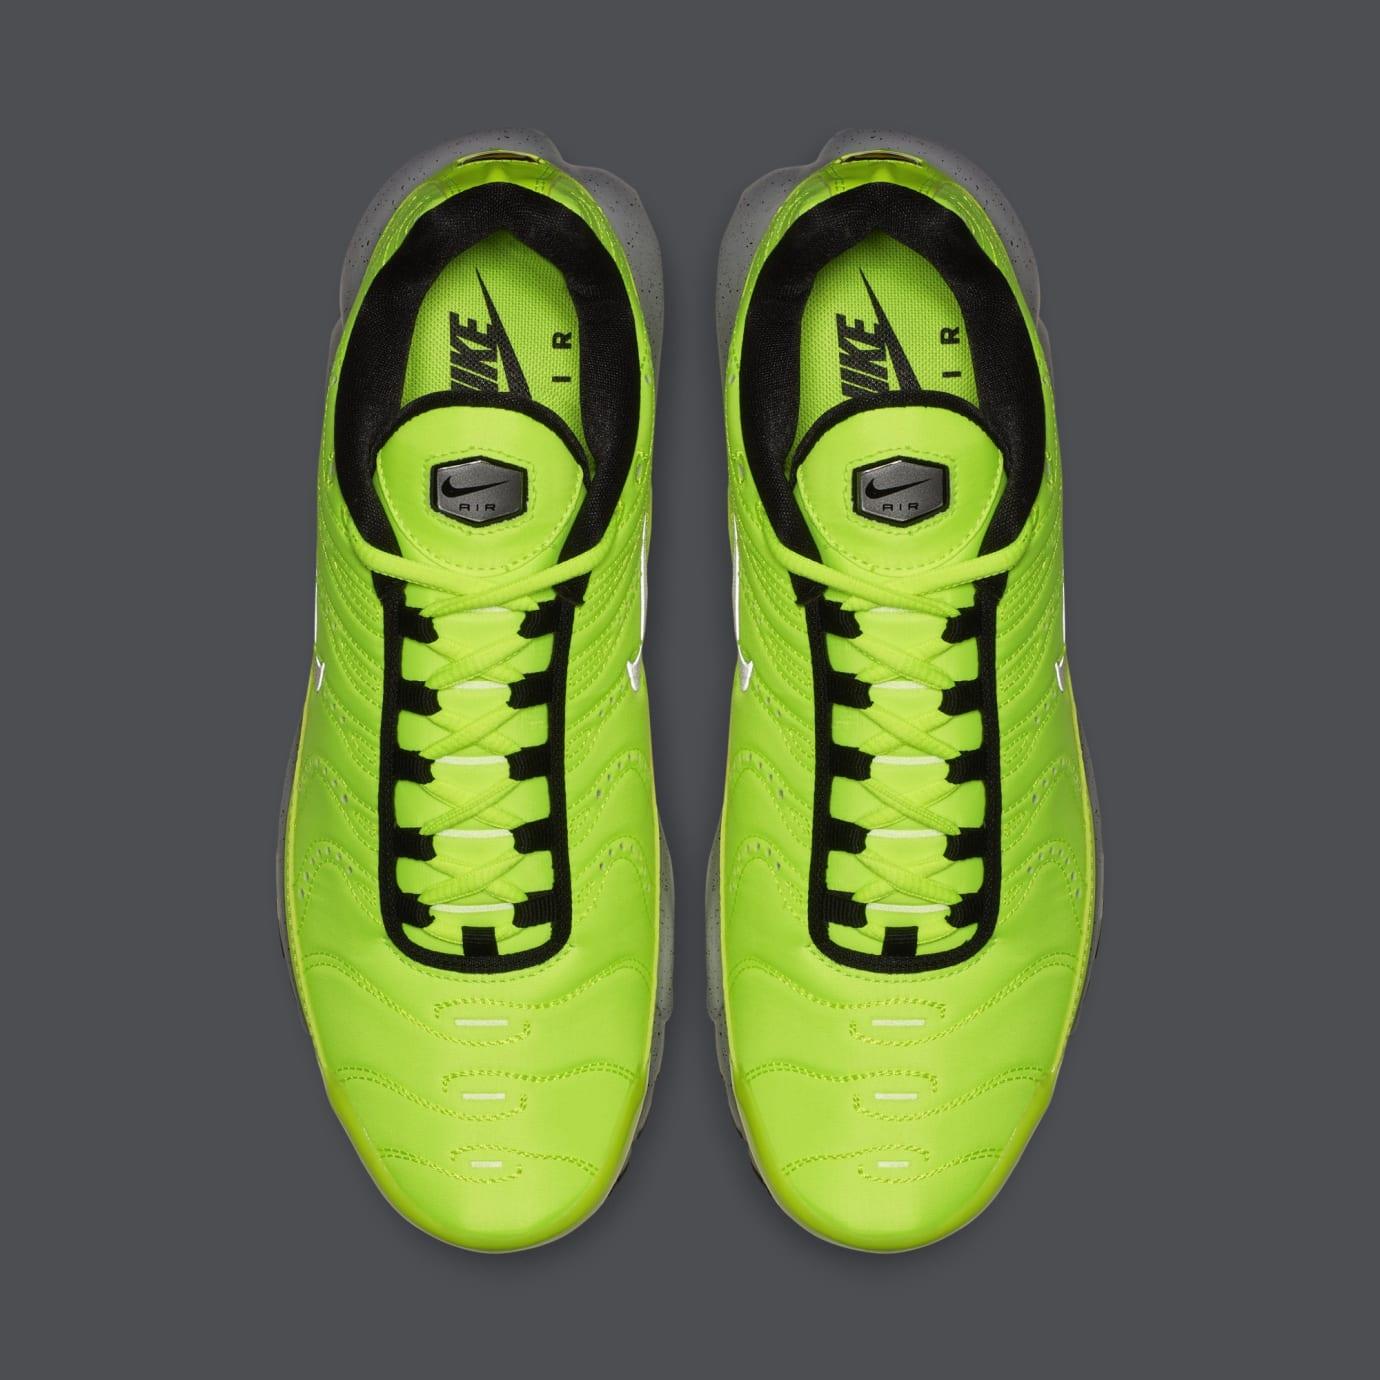 Nike Air Max Plus 'Full Volt' 815994-700 (Top)